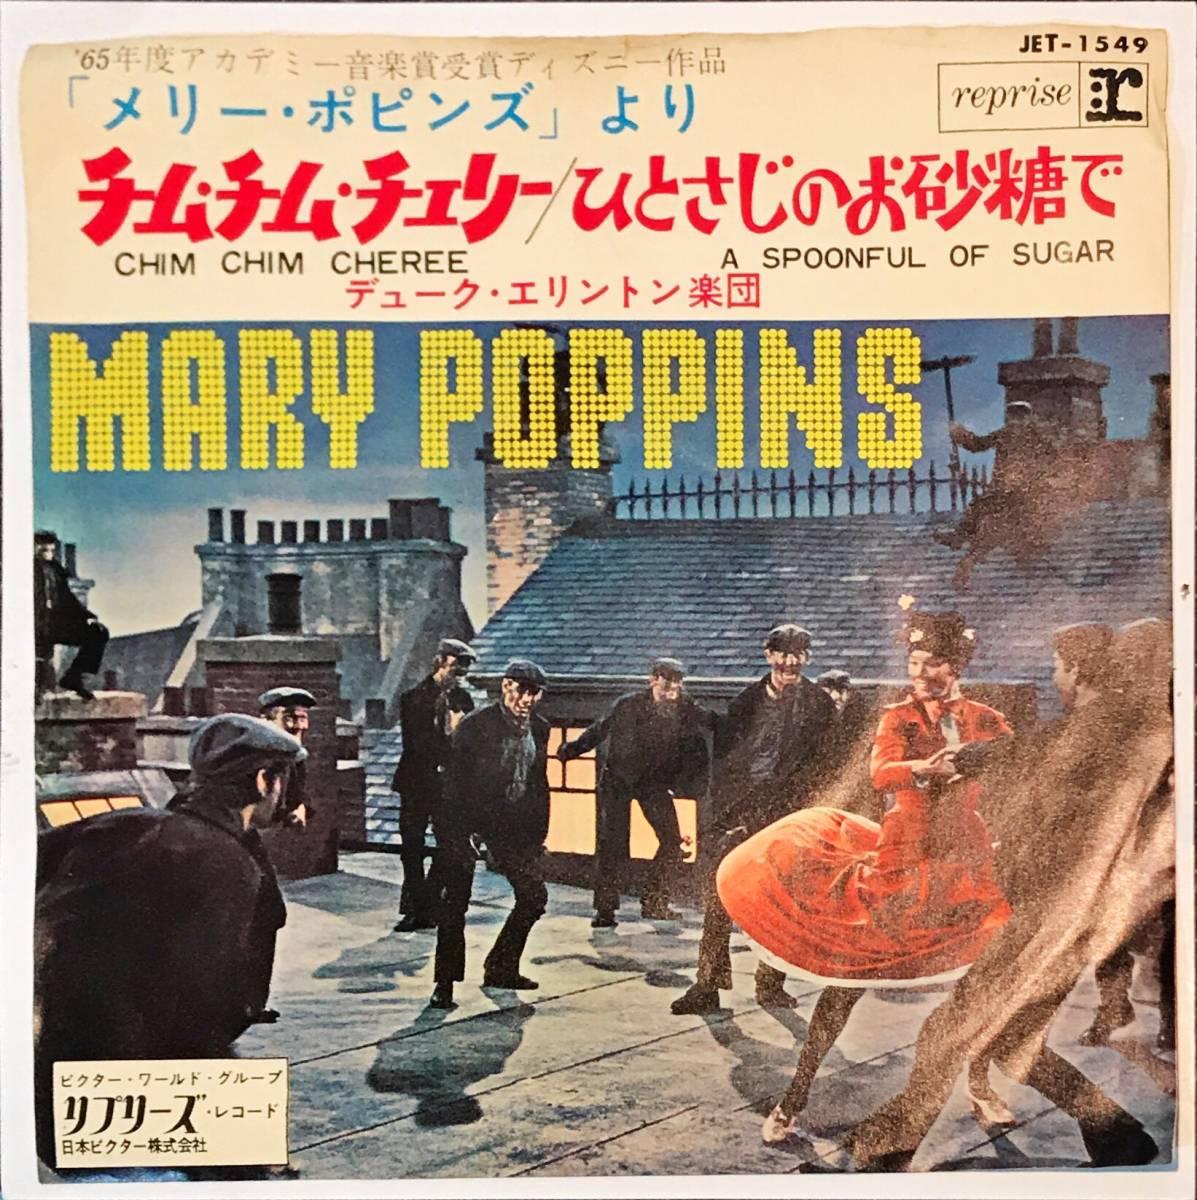 ち むちむ cherry メリー ポピンズ 歌詞